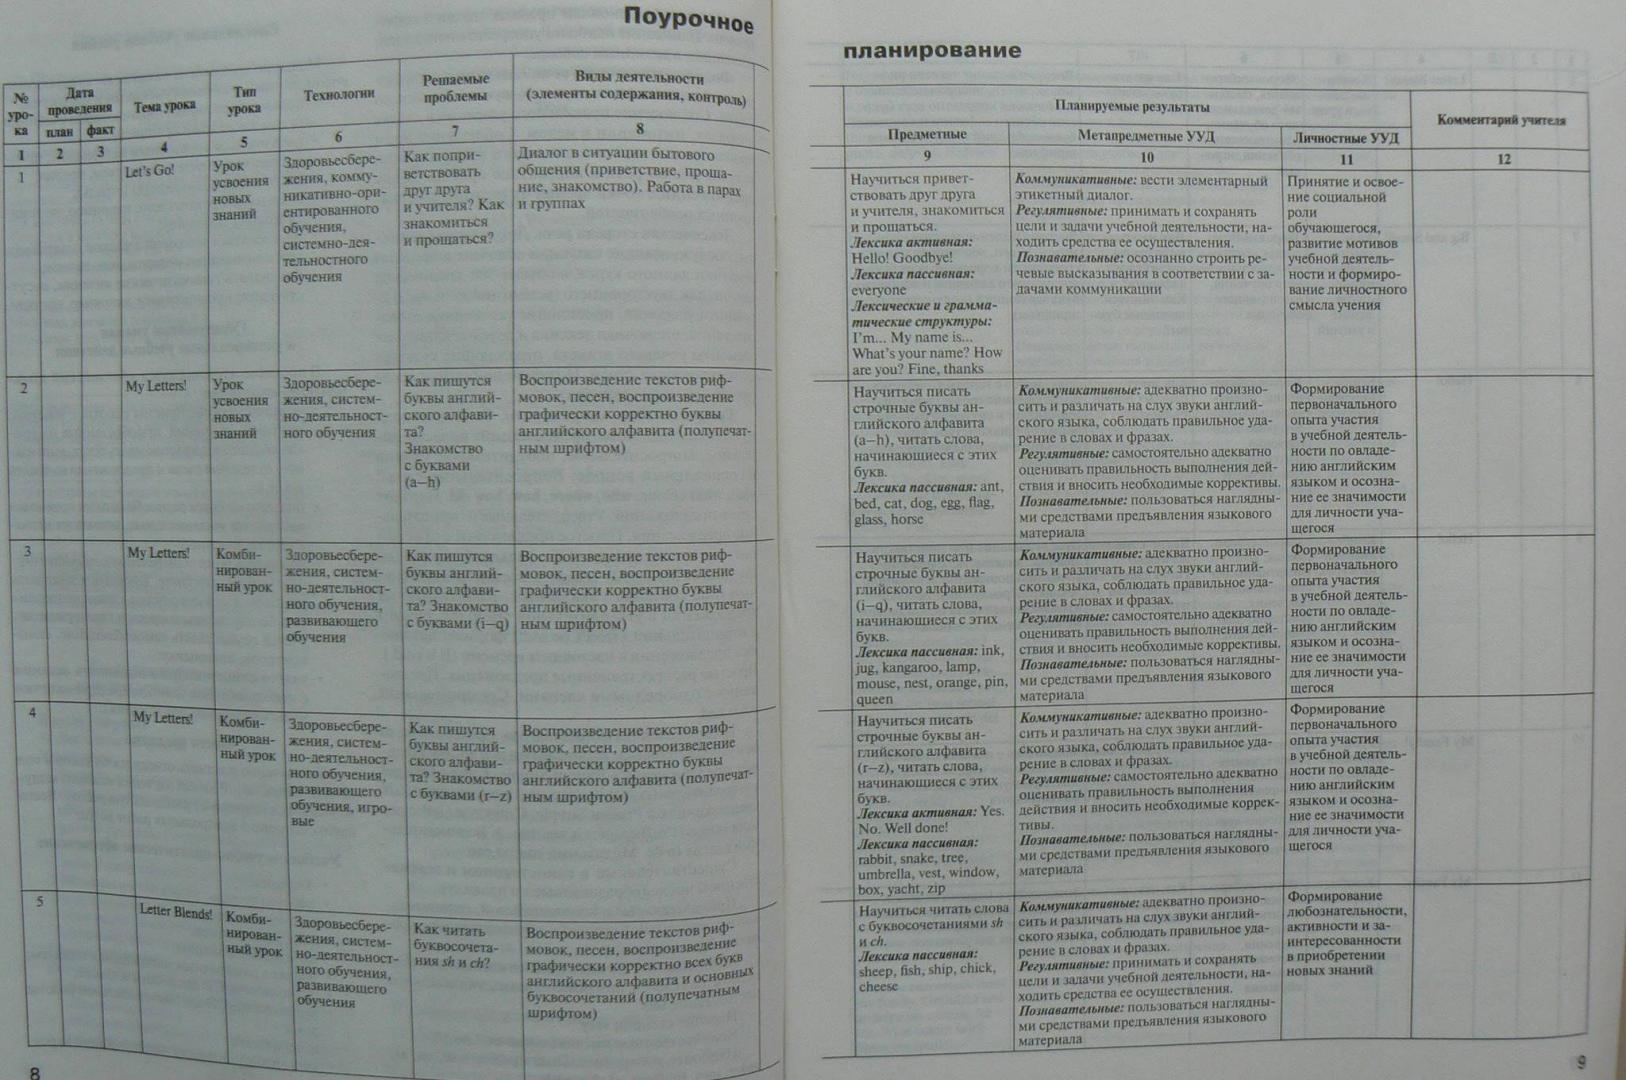 Иллюстрация 4 из 5 для Английский язык. 2 класс. Рабочая программа к УМК Н. И. Быковой, Дж. Дули и др. ФГОС | Лабиринт - книги. Источник: Лидия